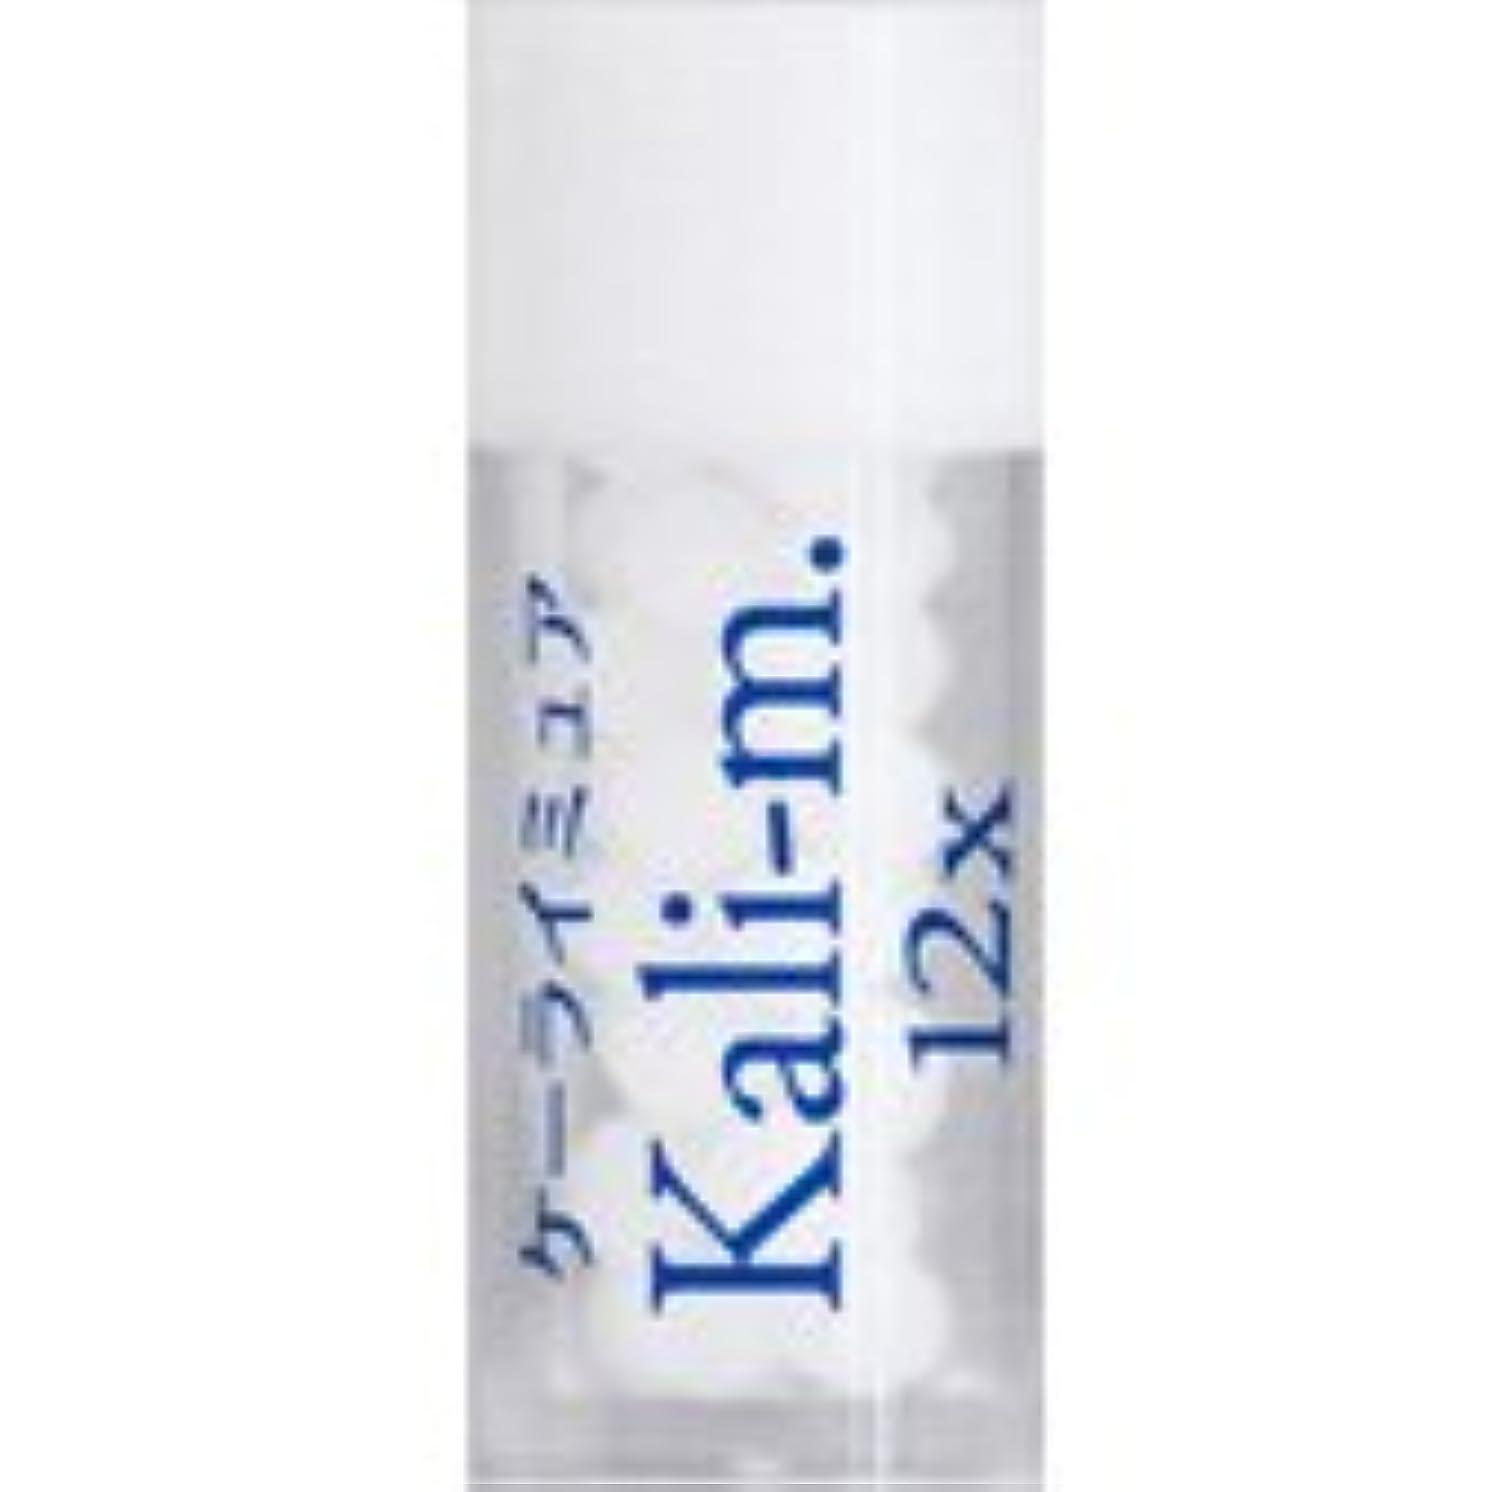 36バイタルエレメントキット 対応 各種 (5) Kali-m.12X ケーライミュア)